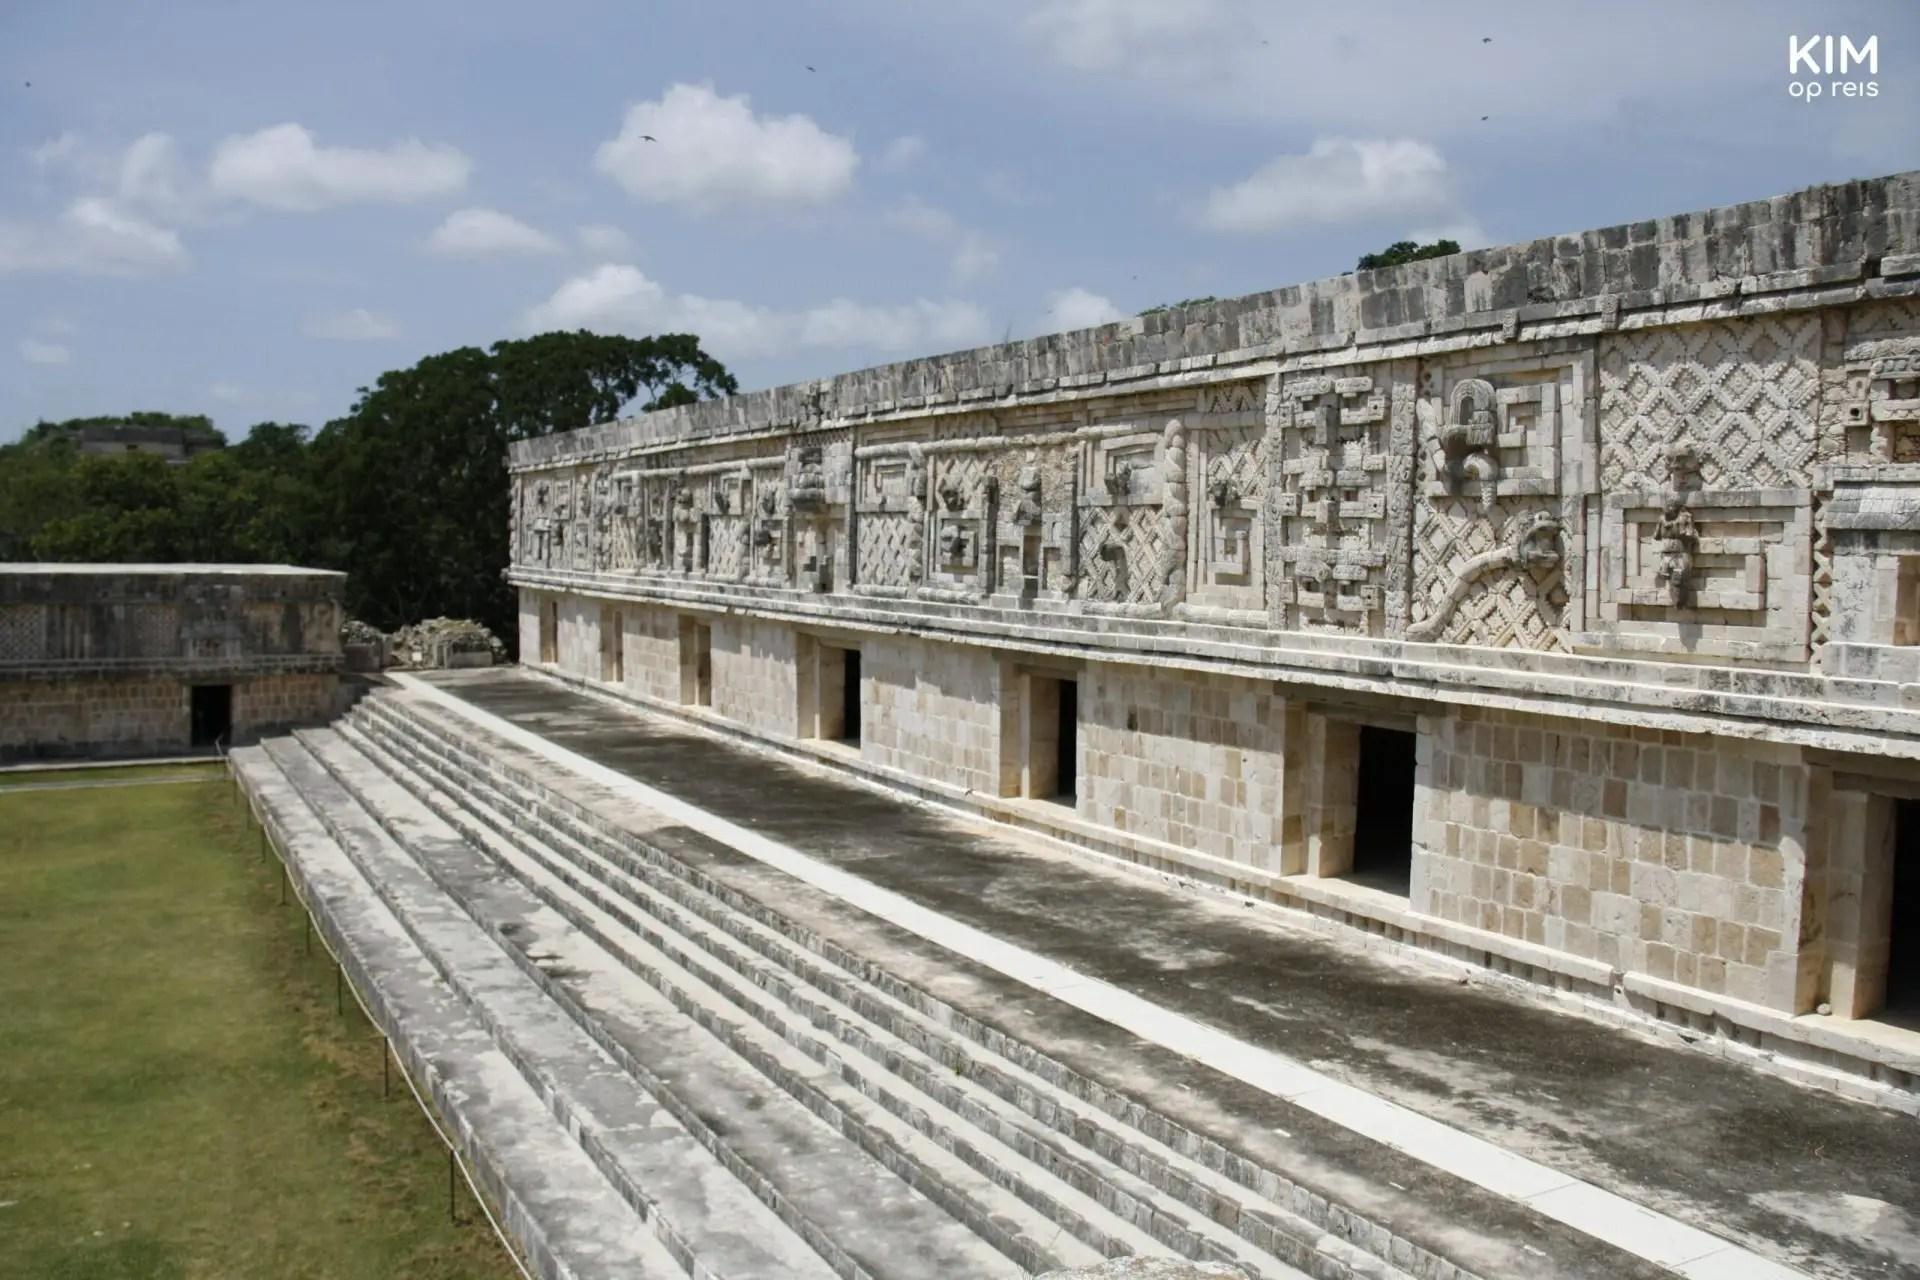 Maya ruines Uxmal: muur met veel details in het beeldhouwerk